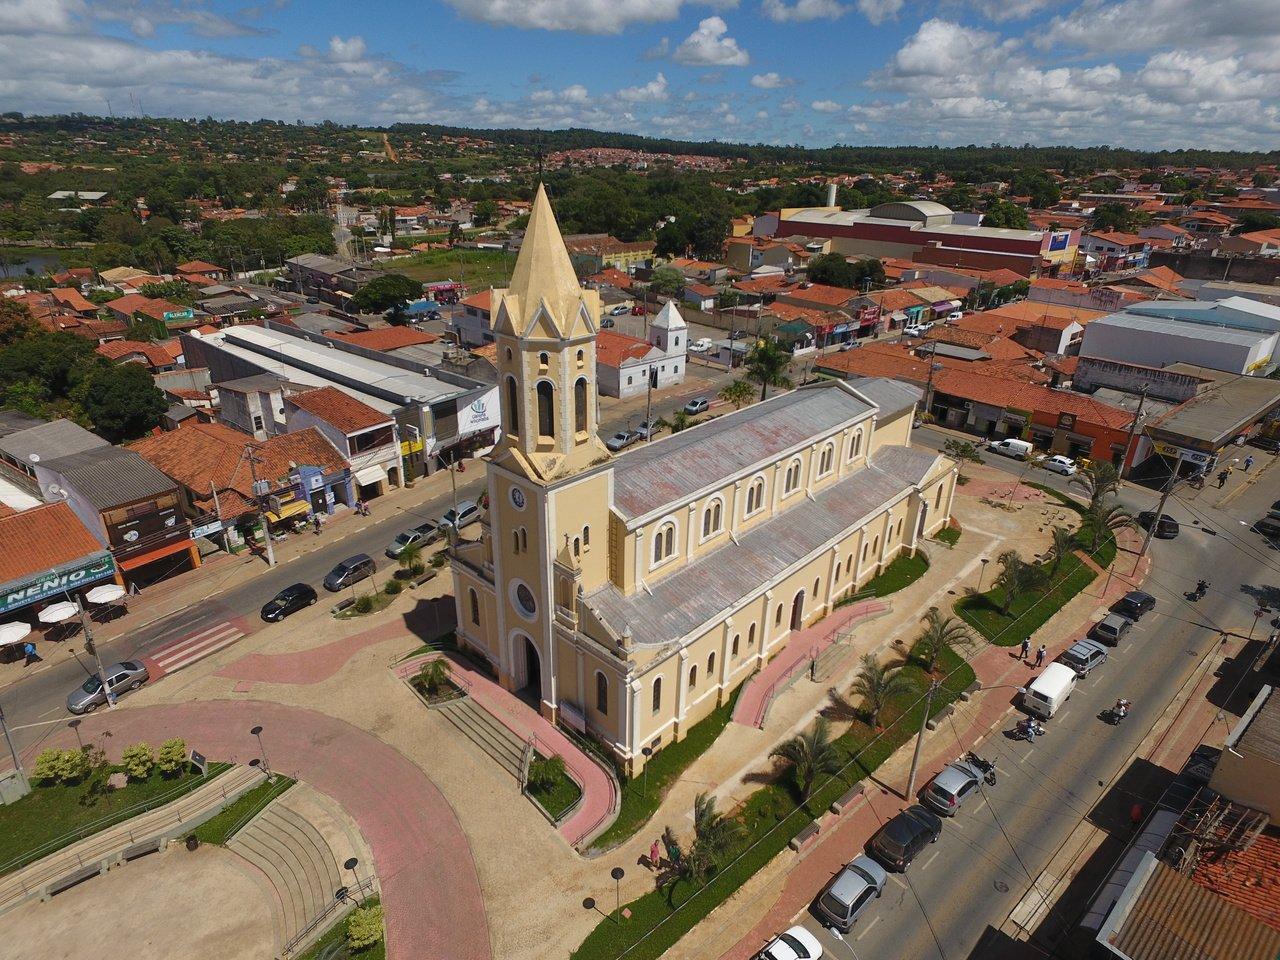 Vista aérea da praça central e igreja matriz de Araçoiaba da Serra